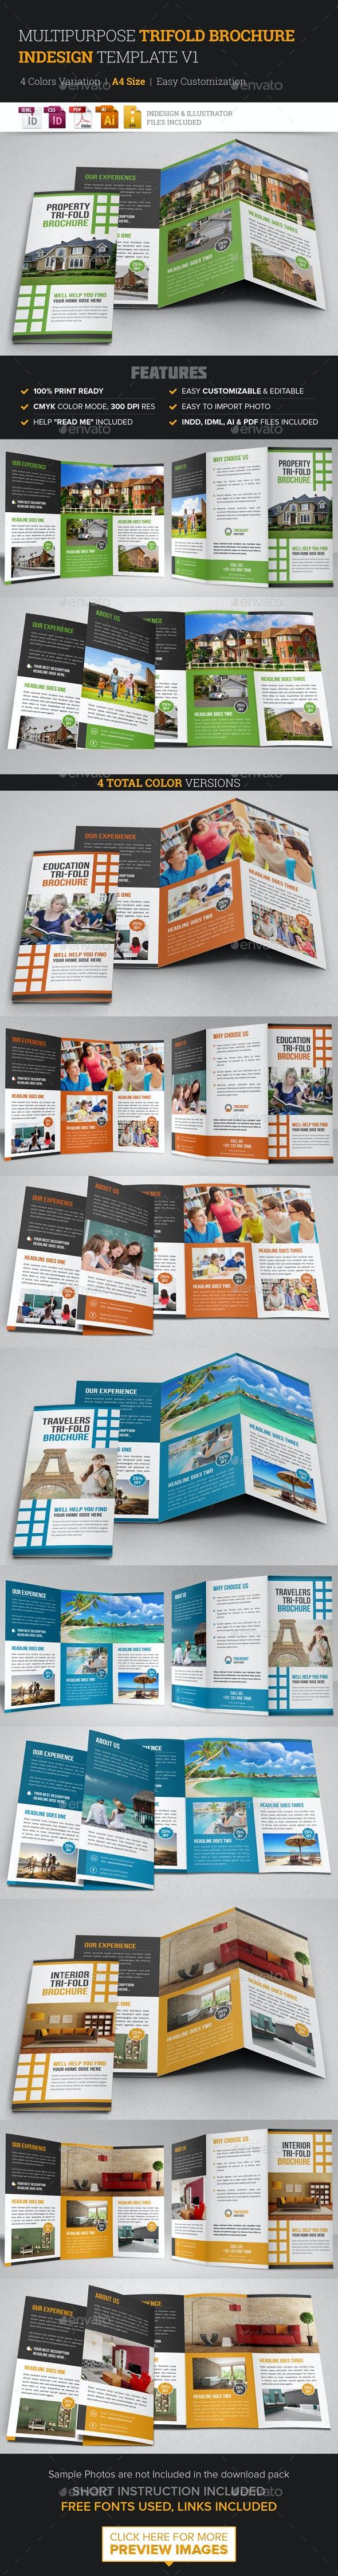 Multipurpose Trifold Brochure Indesign v1 - Corporate Brochures